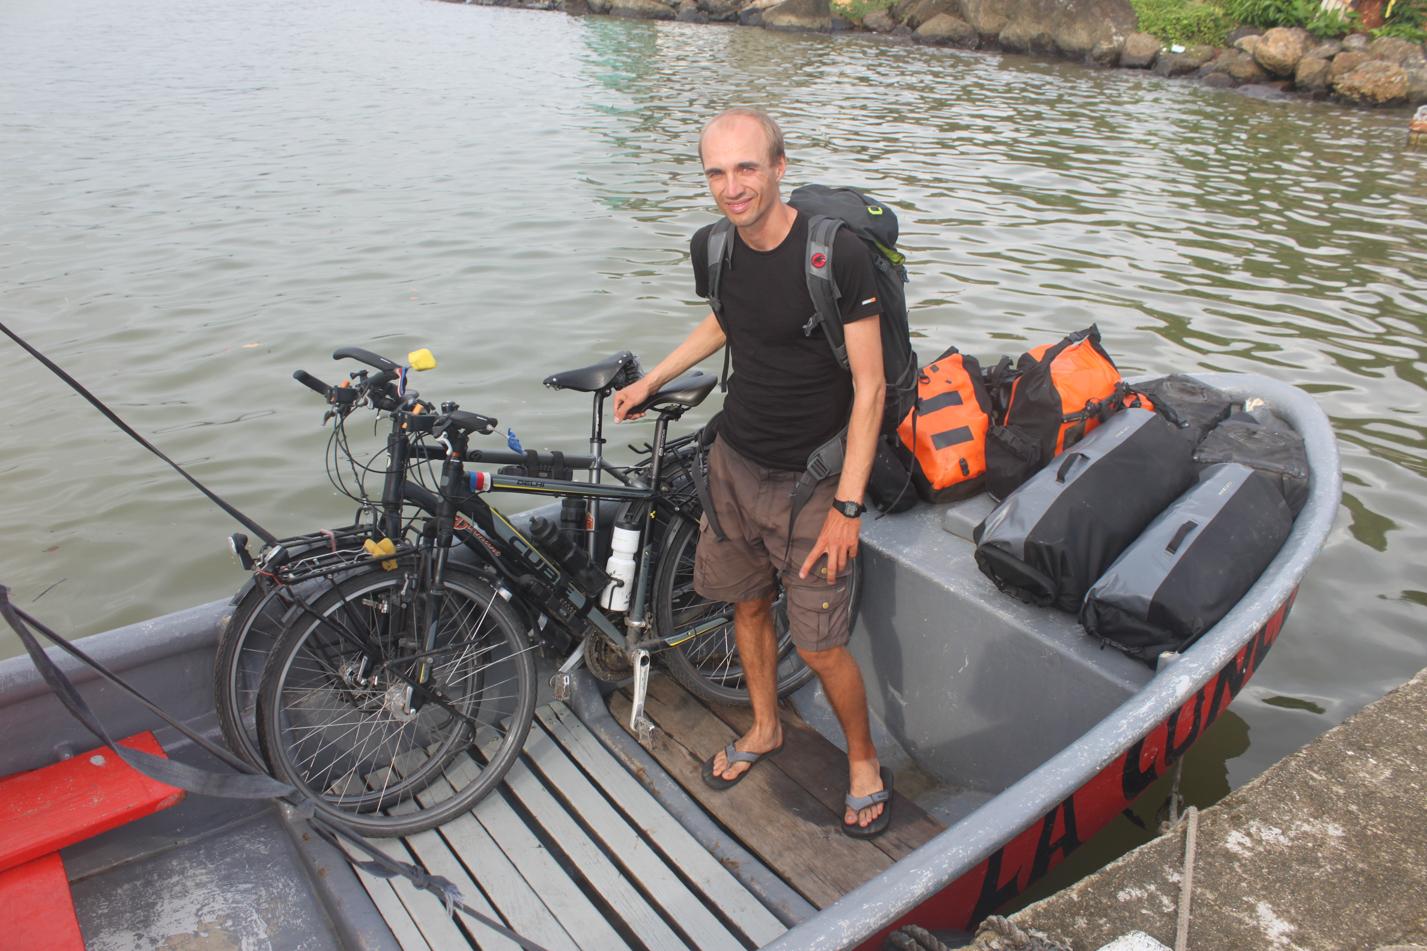 Da es in Portobelo keine Marina gibt, mussten unsere Sachen zunächst auf ein kleineres Boot geladen werden, welches uns dann zu unserem Segelschiff brachte.